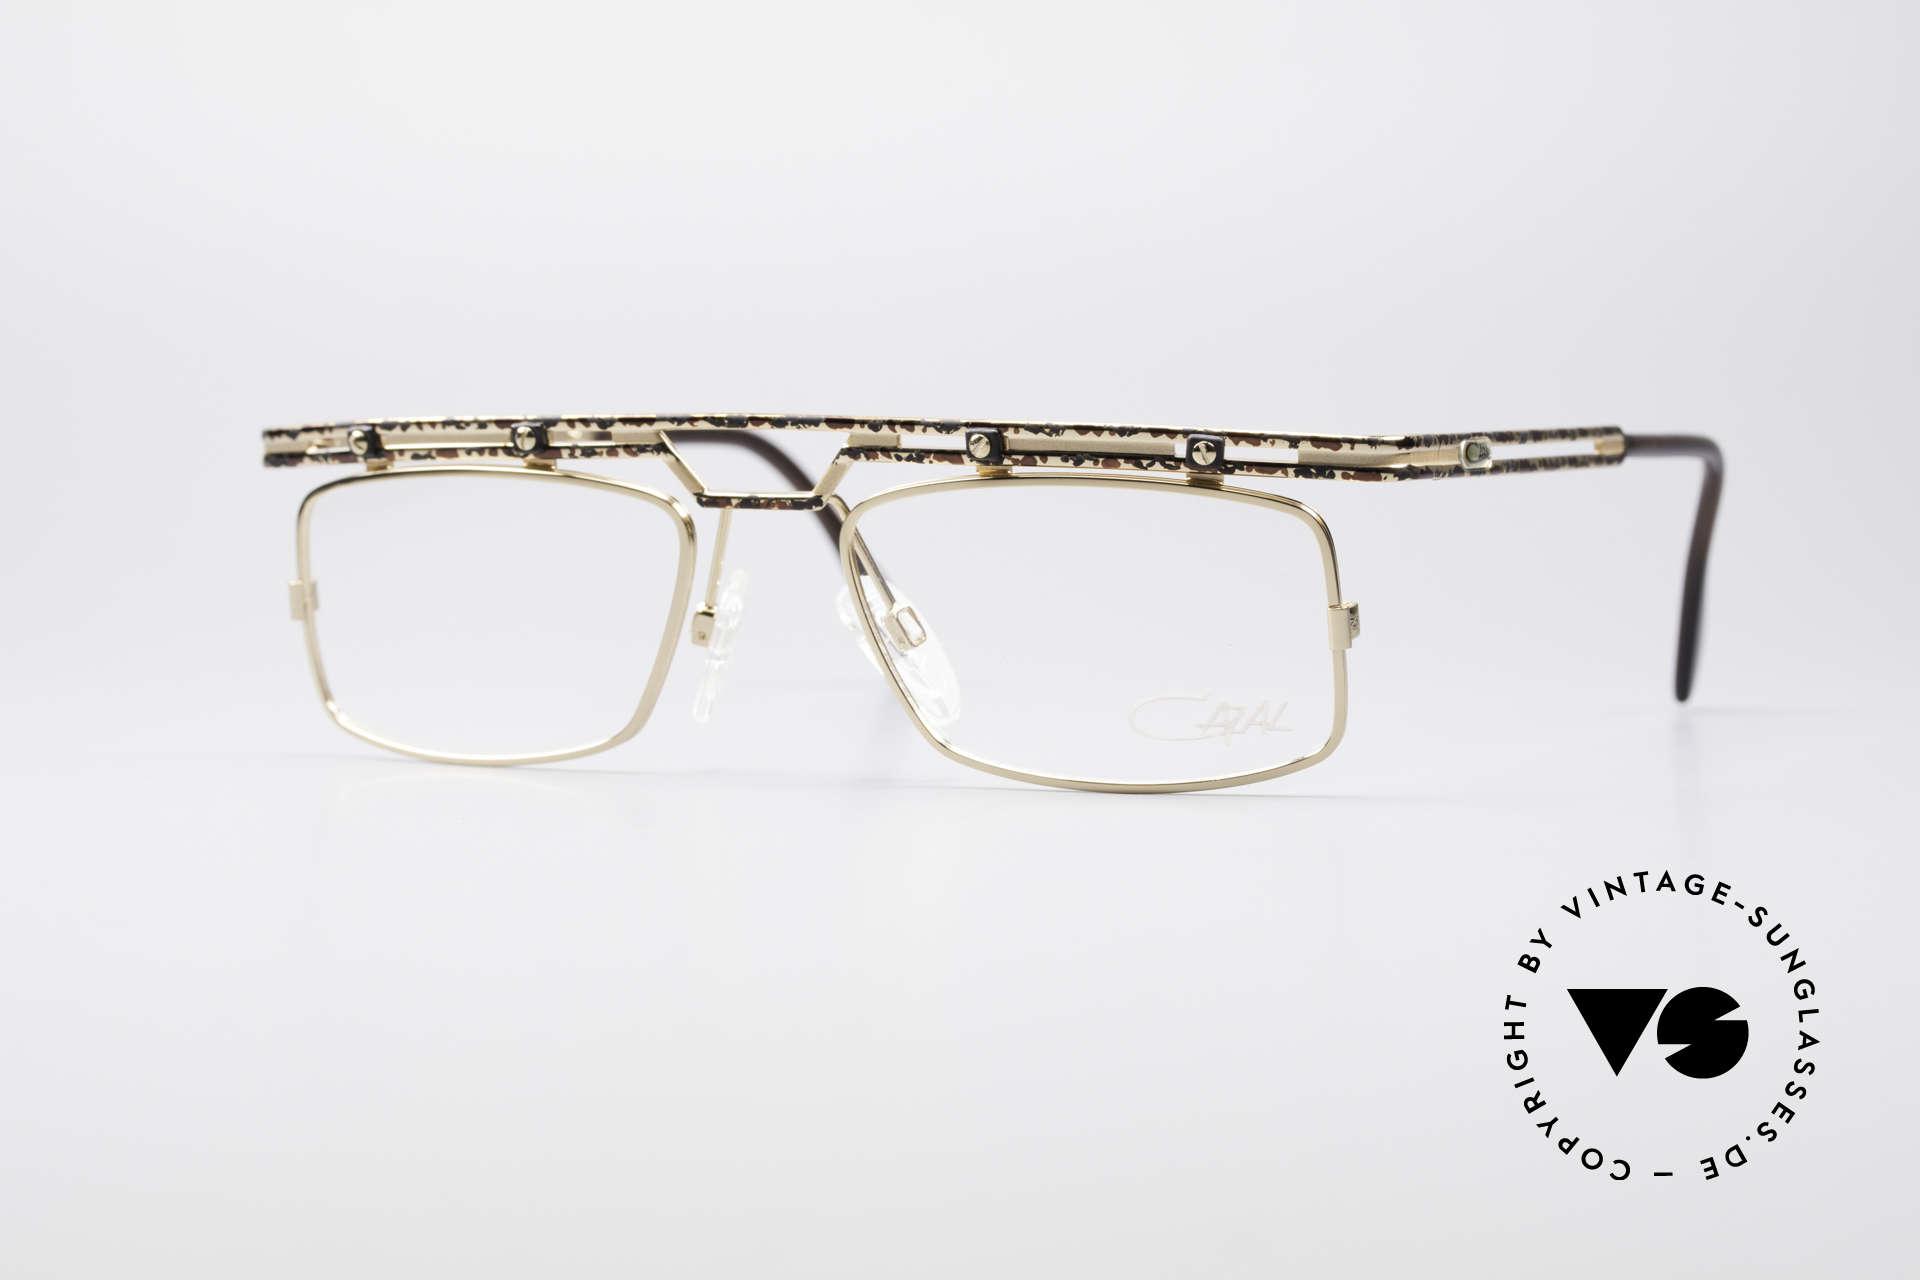 Cazal 975 Echt Vintage No Retro Brille, sehr markante Cazal Designerbrille von ca. 1996/97, Passend für Herren